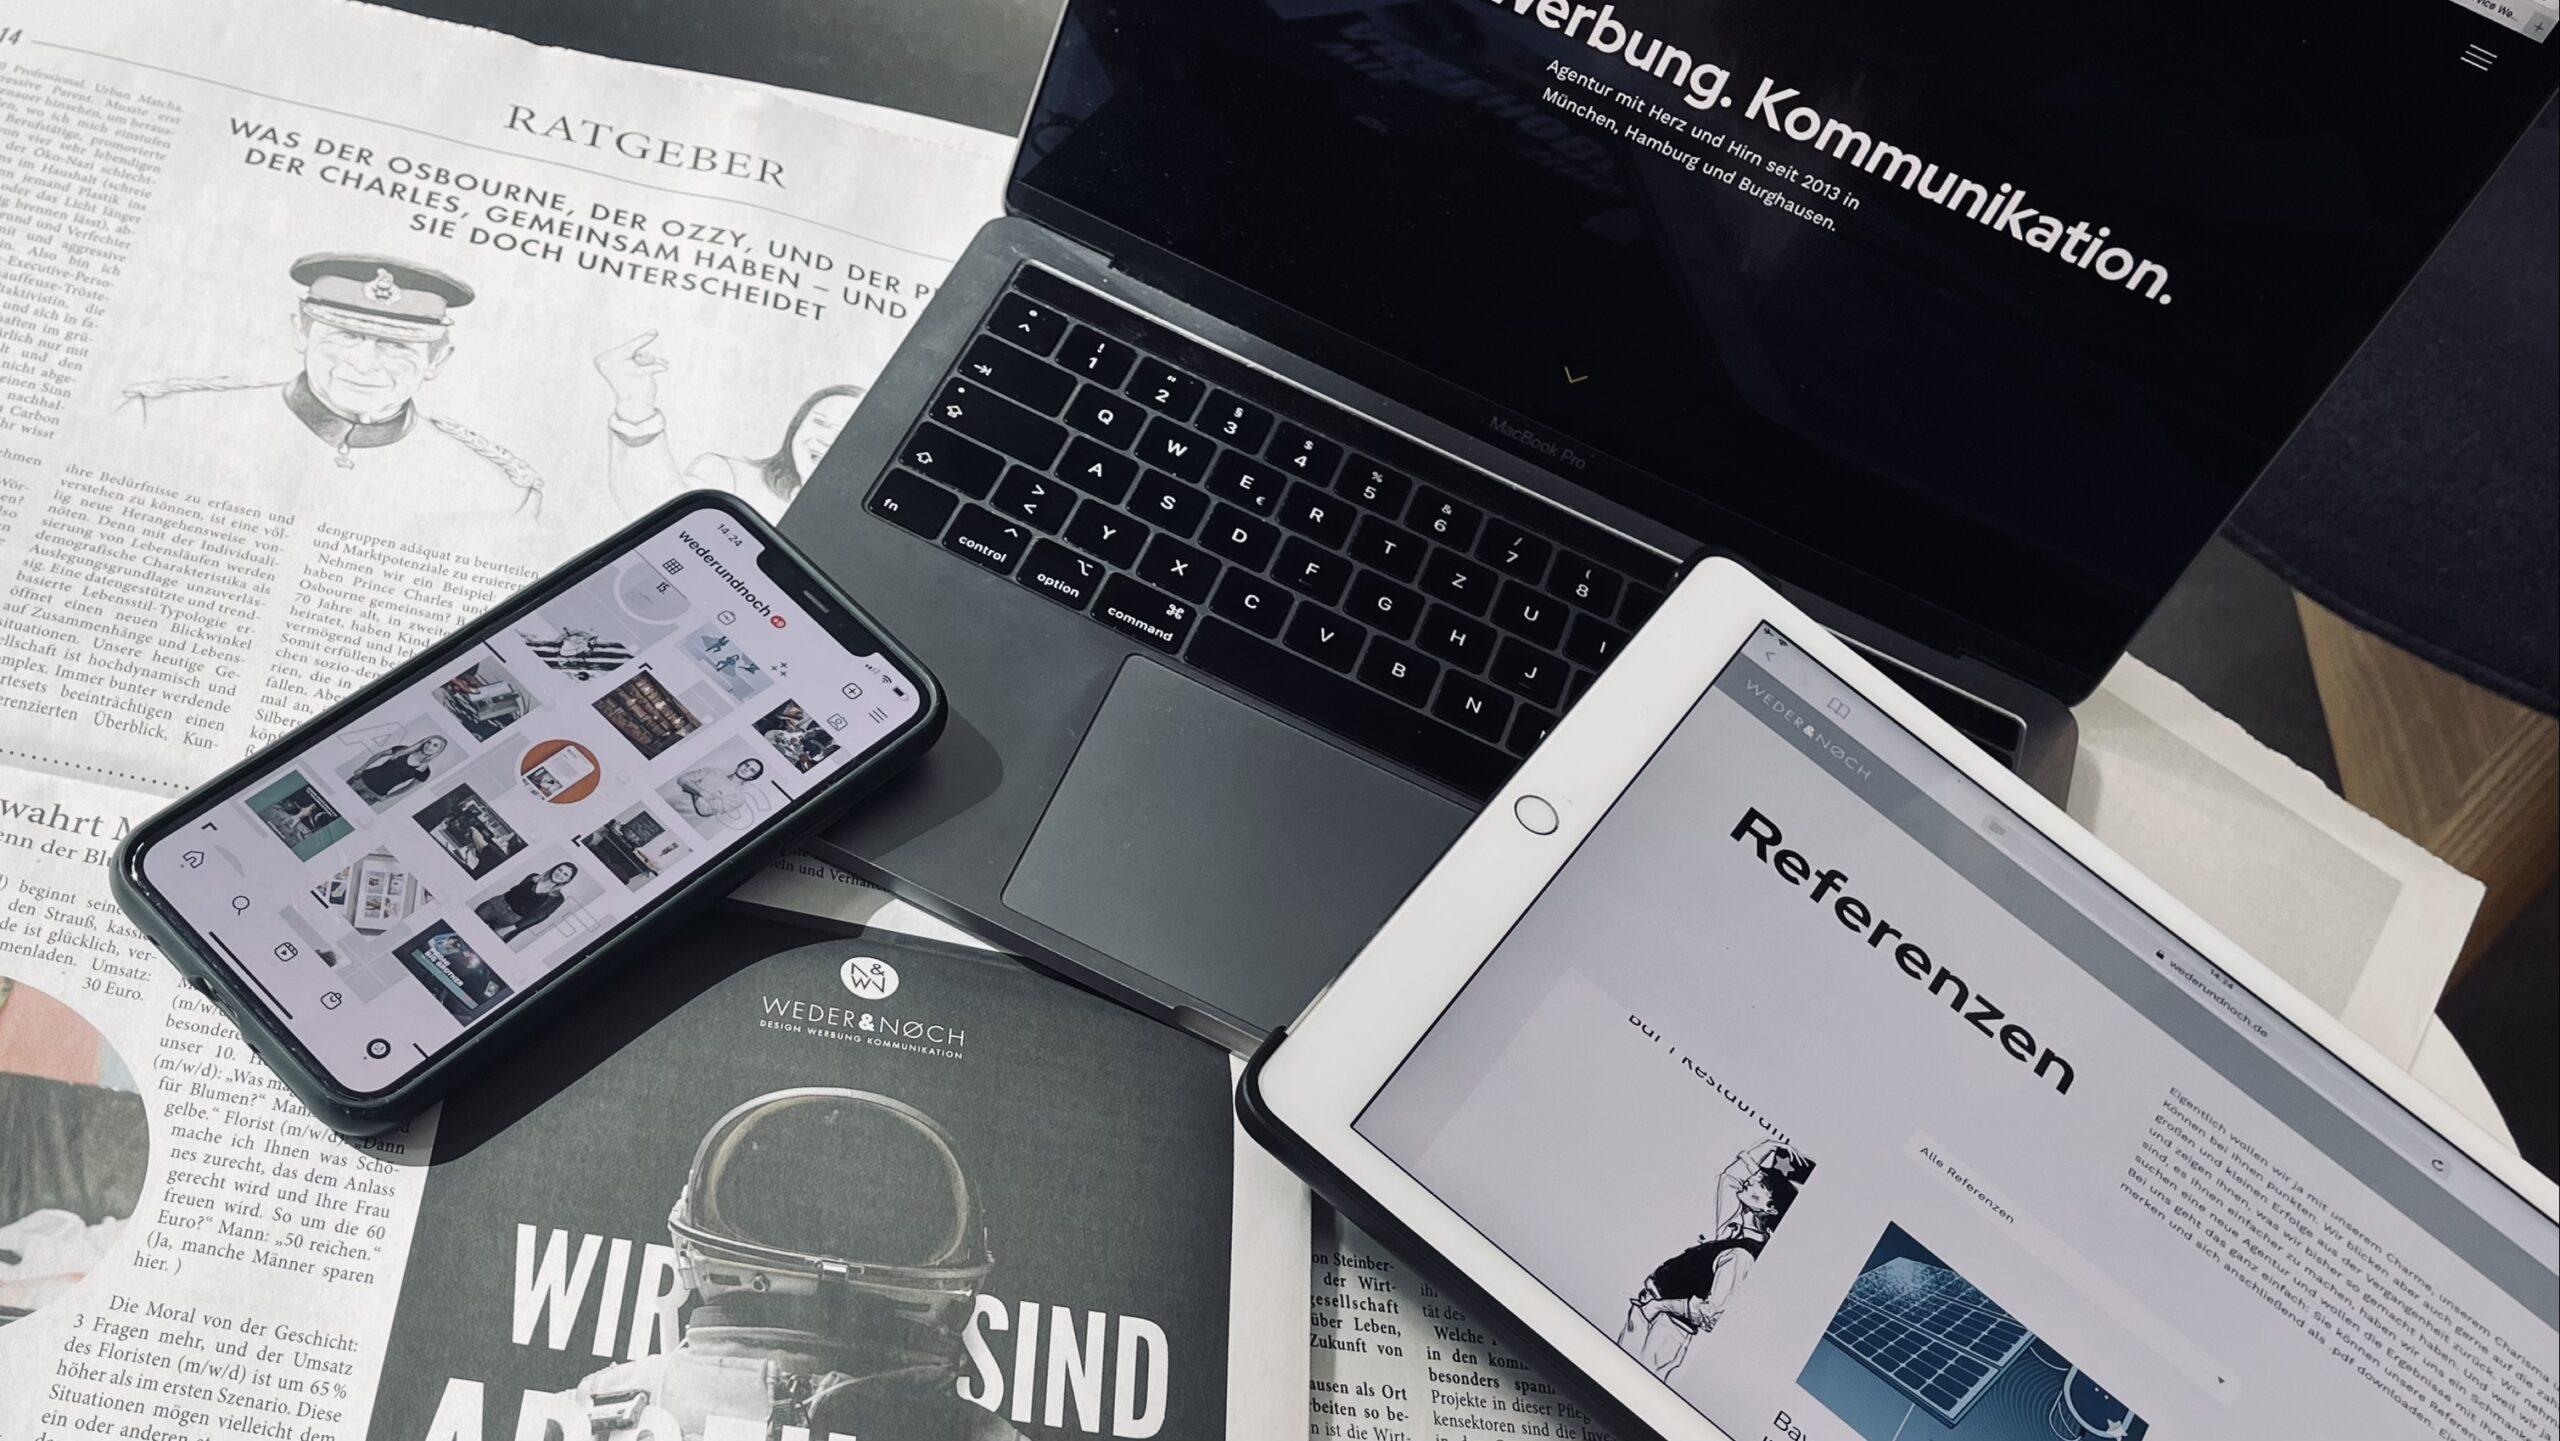 Entstehung von Desinformationen - Media Overload mit Zeitung, Laptop, iPad und Handy